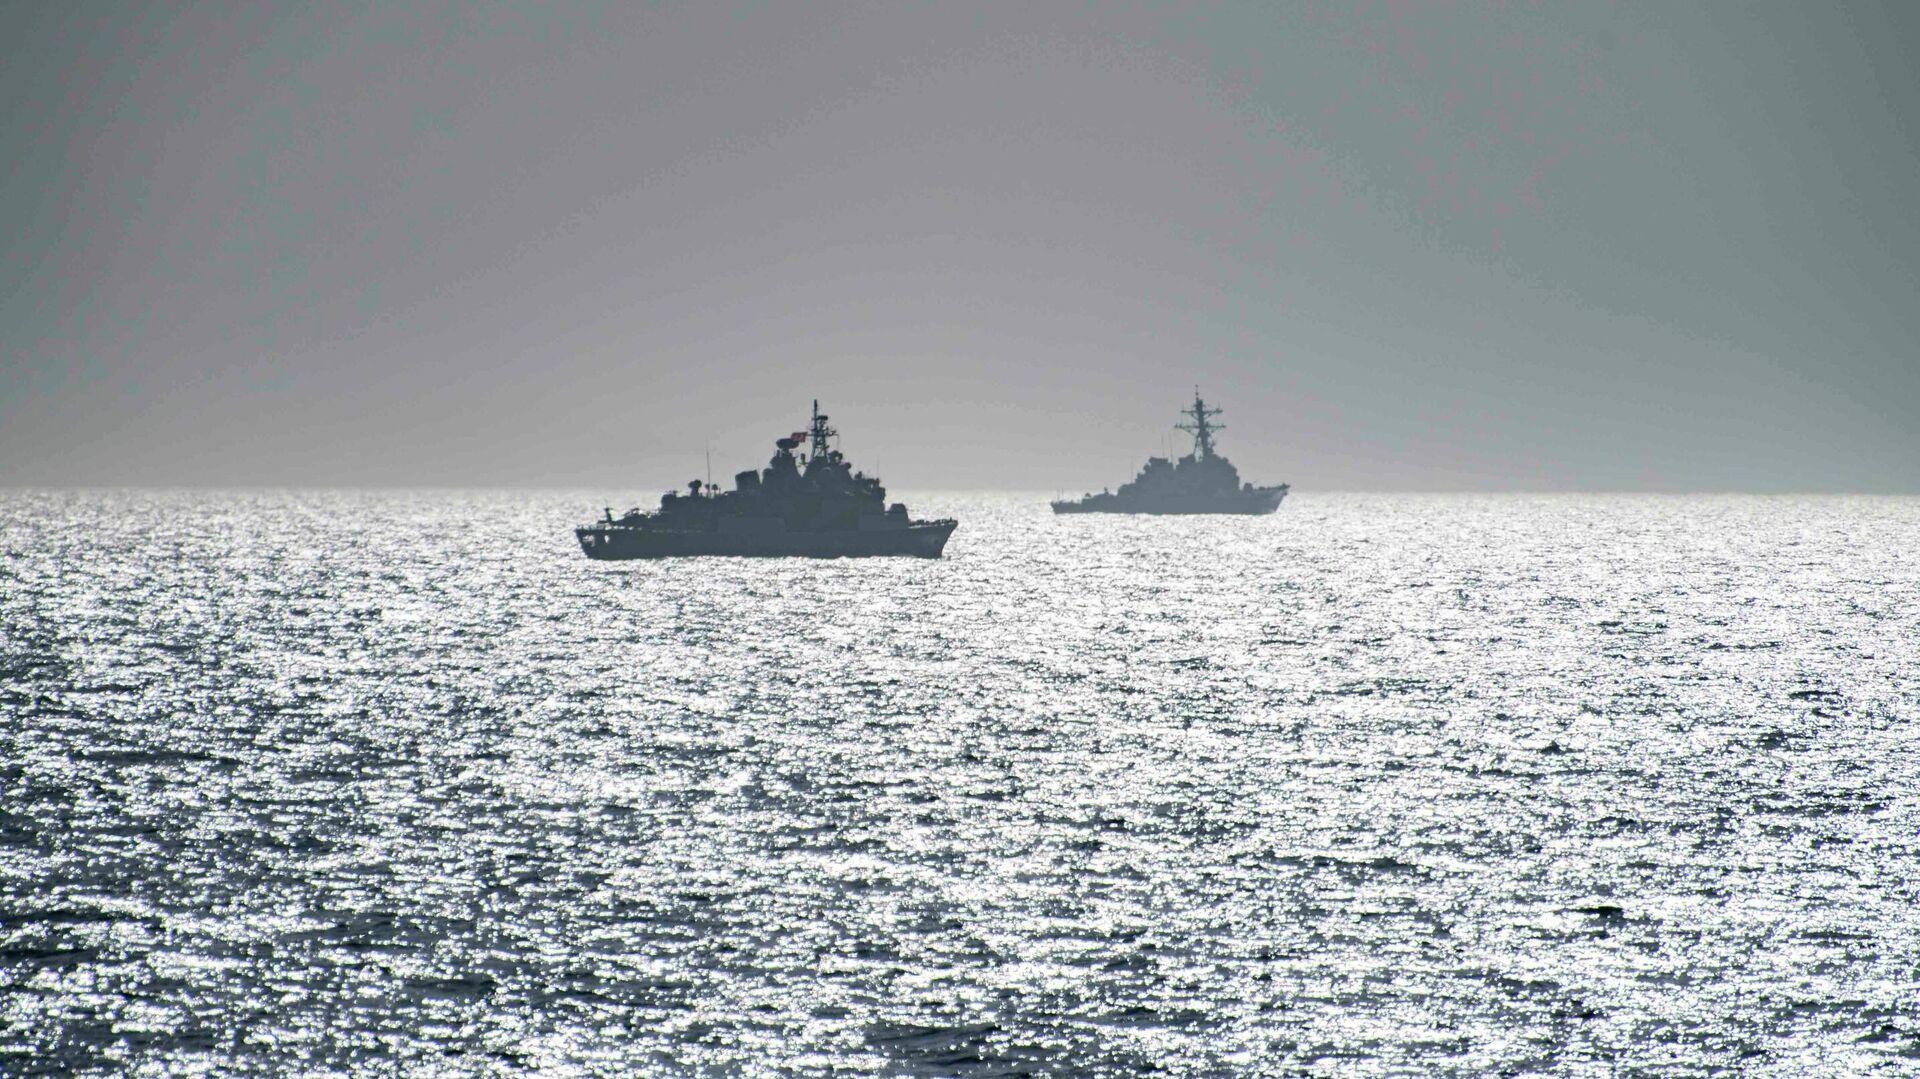 Эсминец ВМС США Портер и фрегат TCG Orucreis турецких ВМС в Черном море - РИА Новости, 1920, 27.04.2021